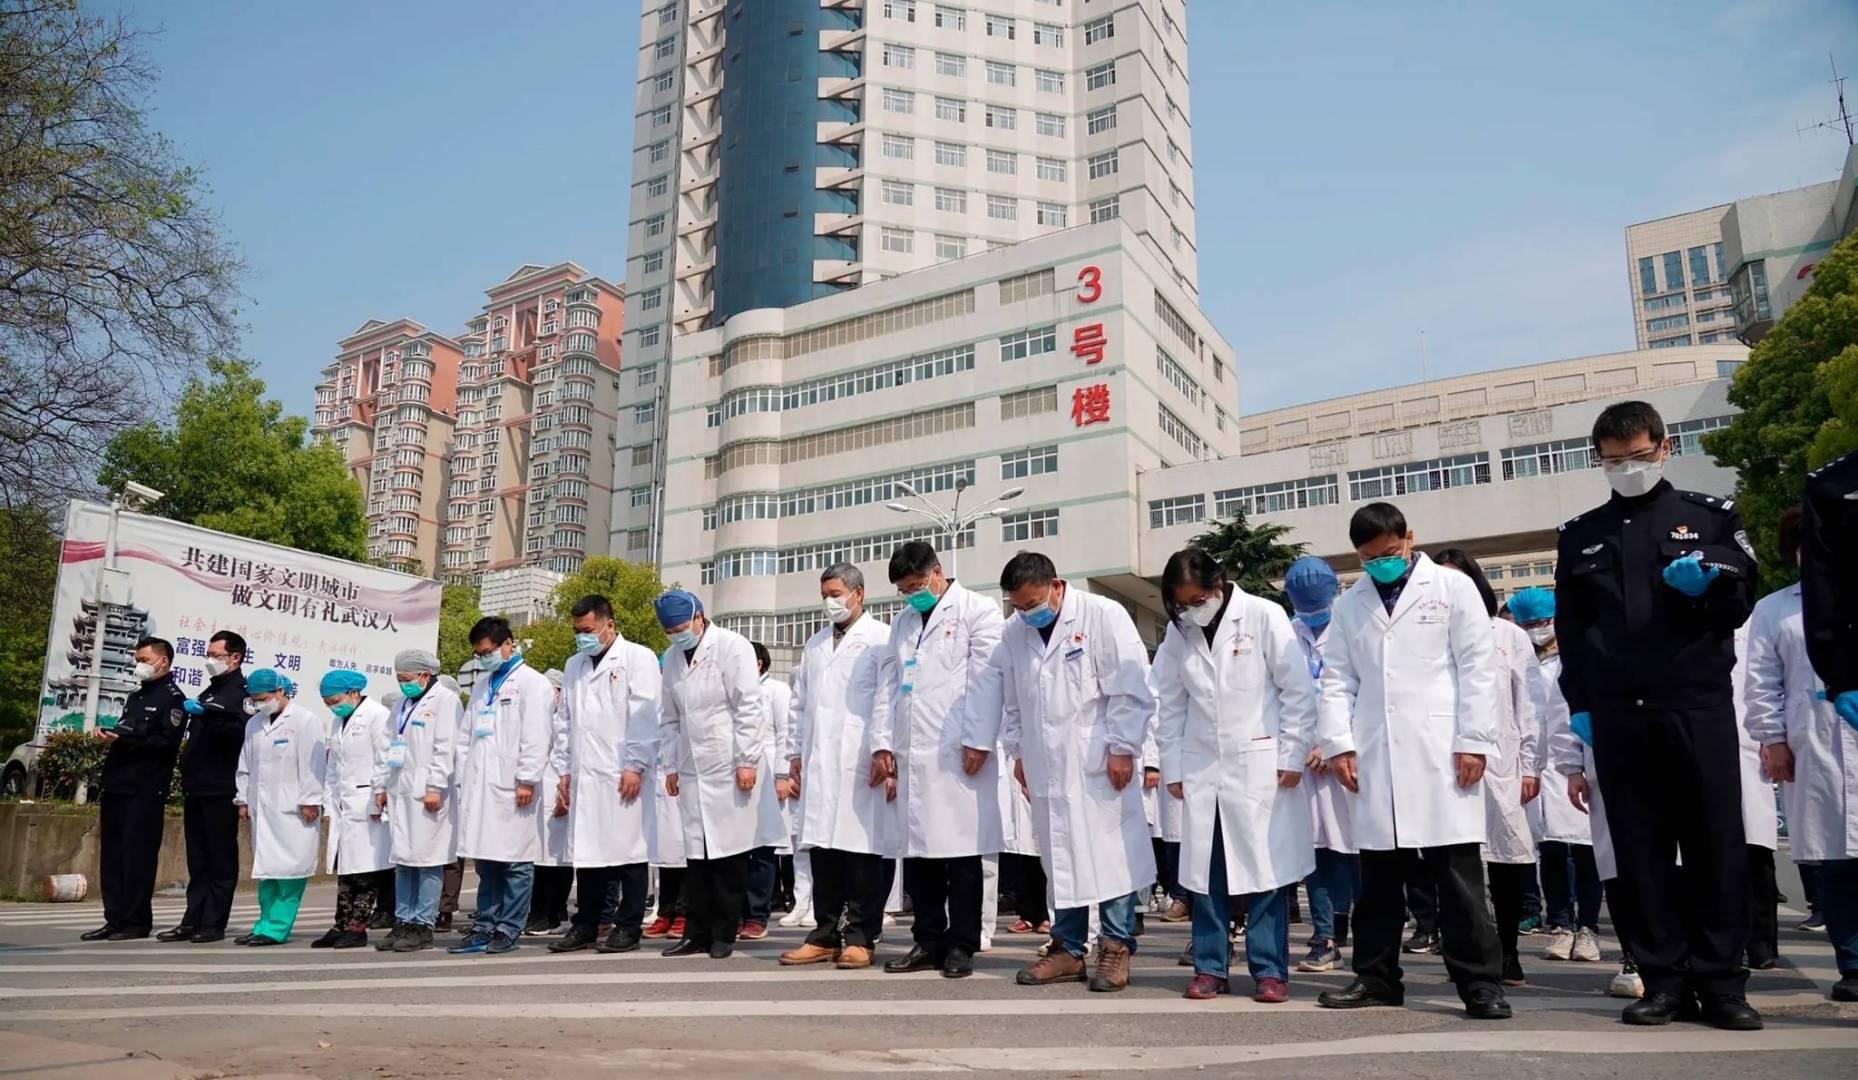 الصين: لا وفيات ولا إصابات جديدة بفيروس «كورونا»